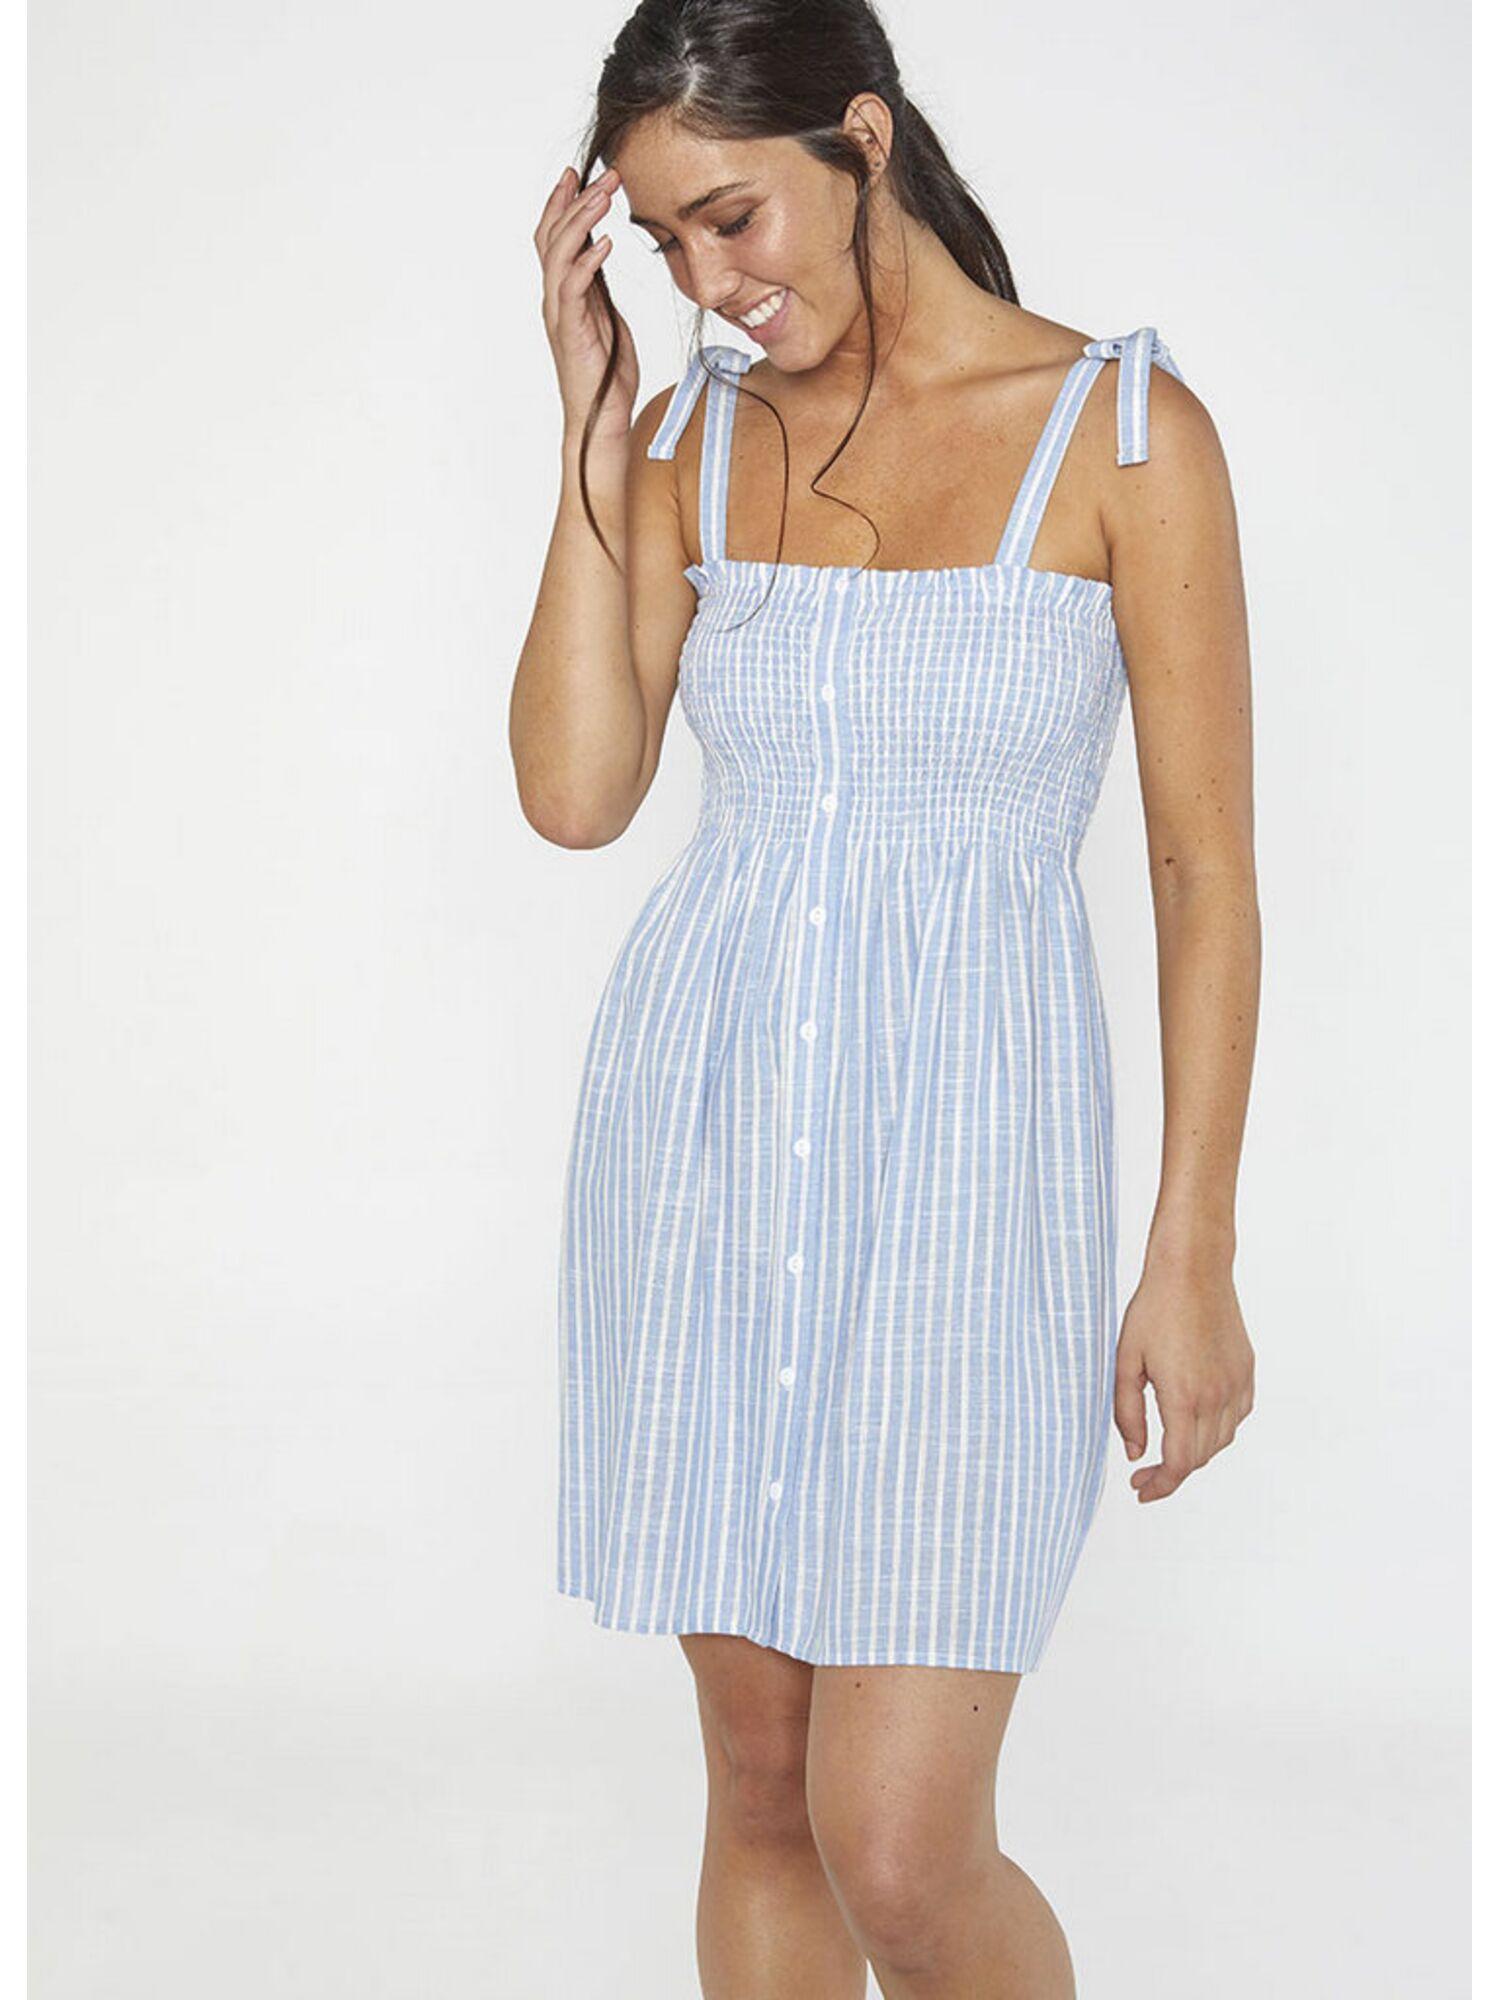 Женское платье пляжное из вискозы 85702 голубой, Ysabel Mora (Испания)